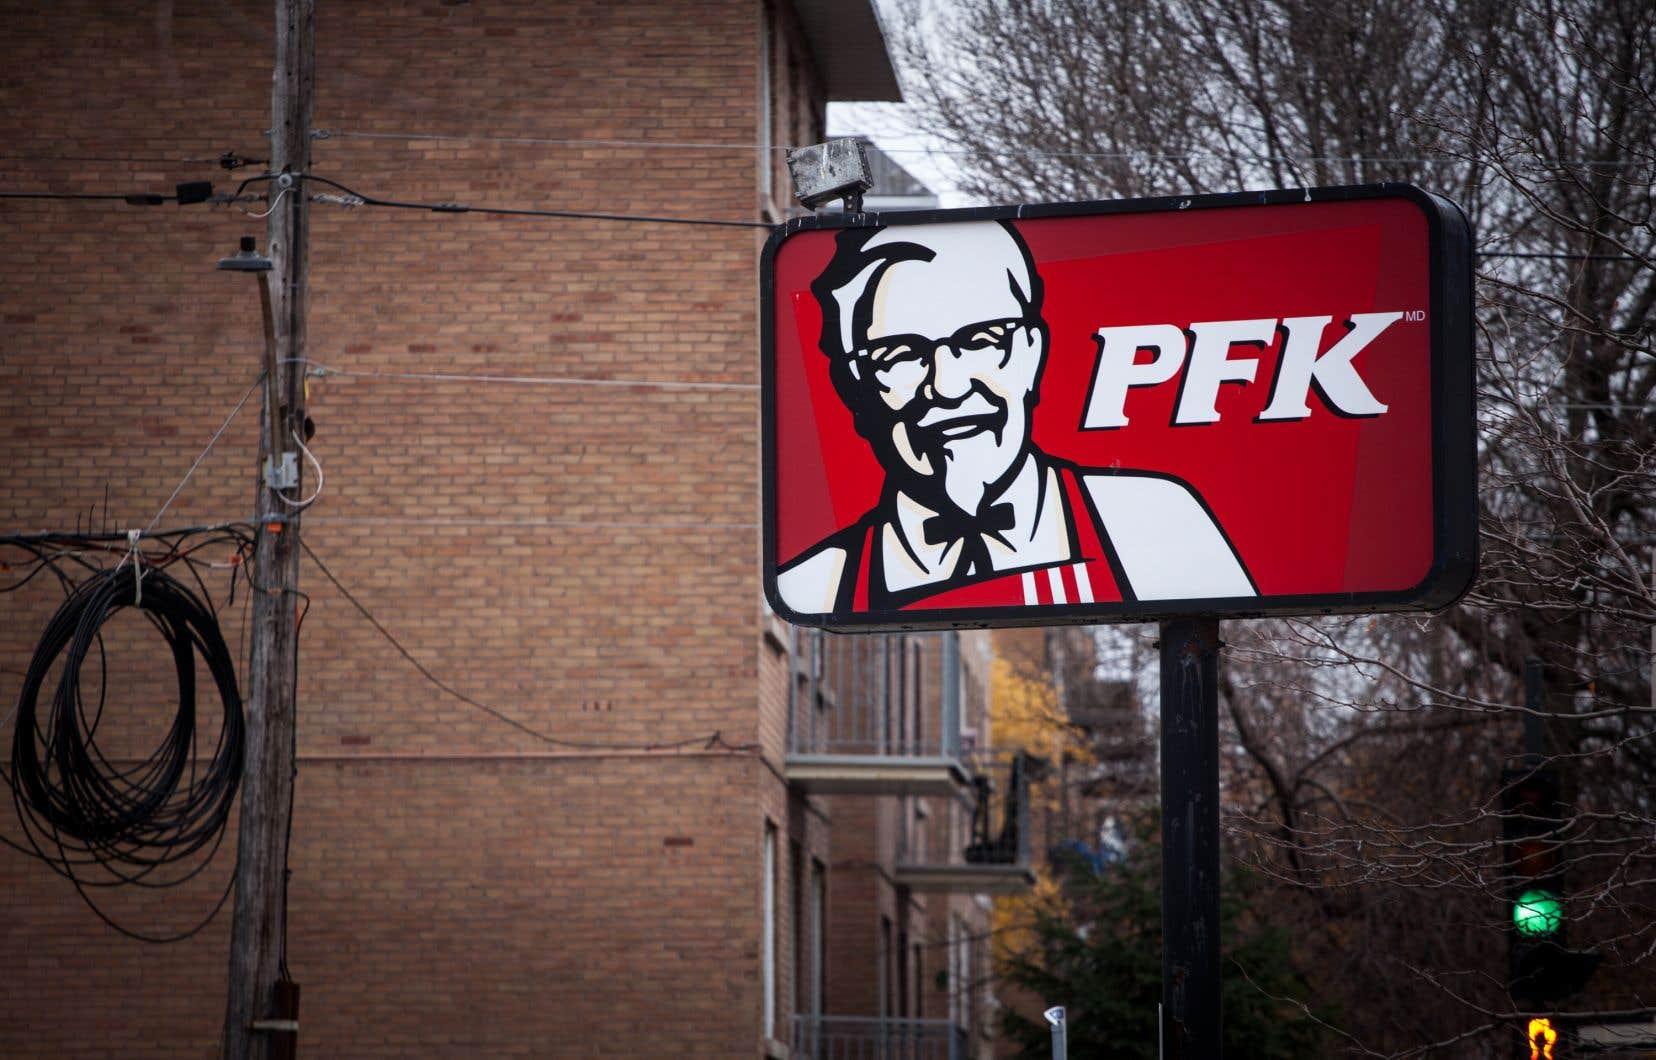 La fermeture de la succursale du boulevard Wilfrid-Hamel marque la disparition de l'enseigne de poulet frit à Québec, qui comptait auparavant 14 restaurants dans la région.